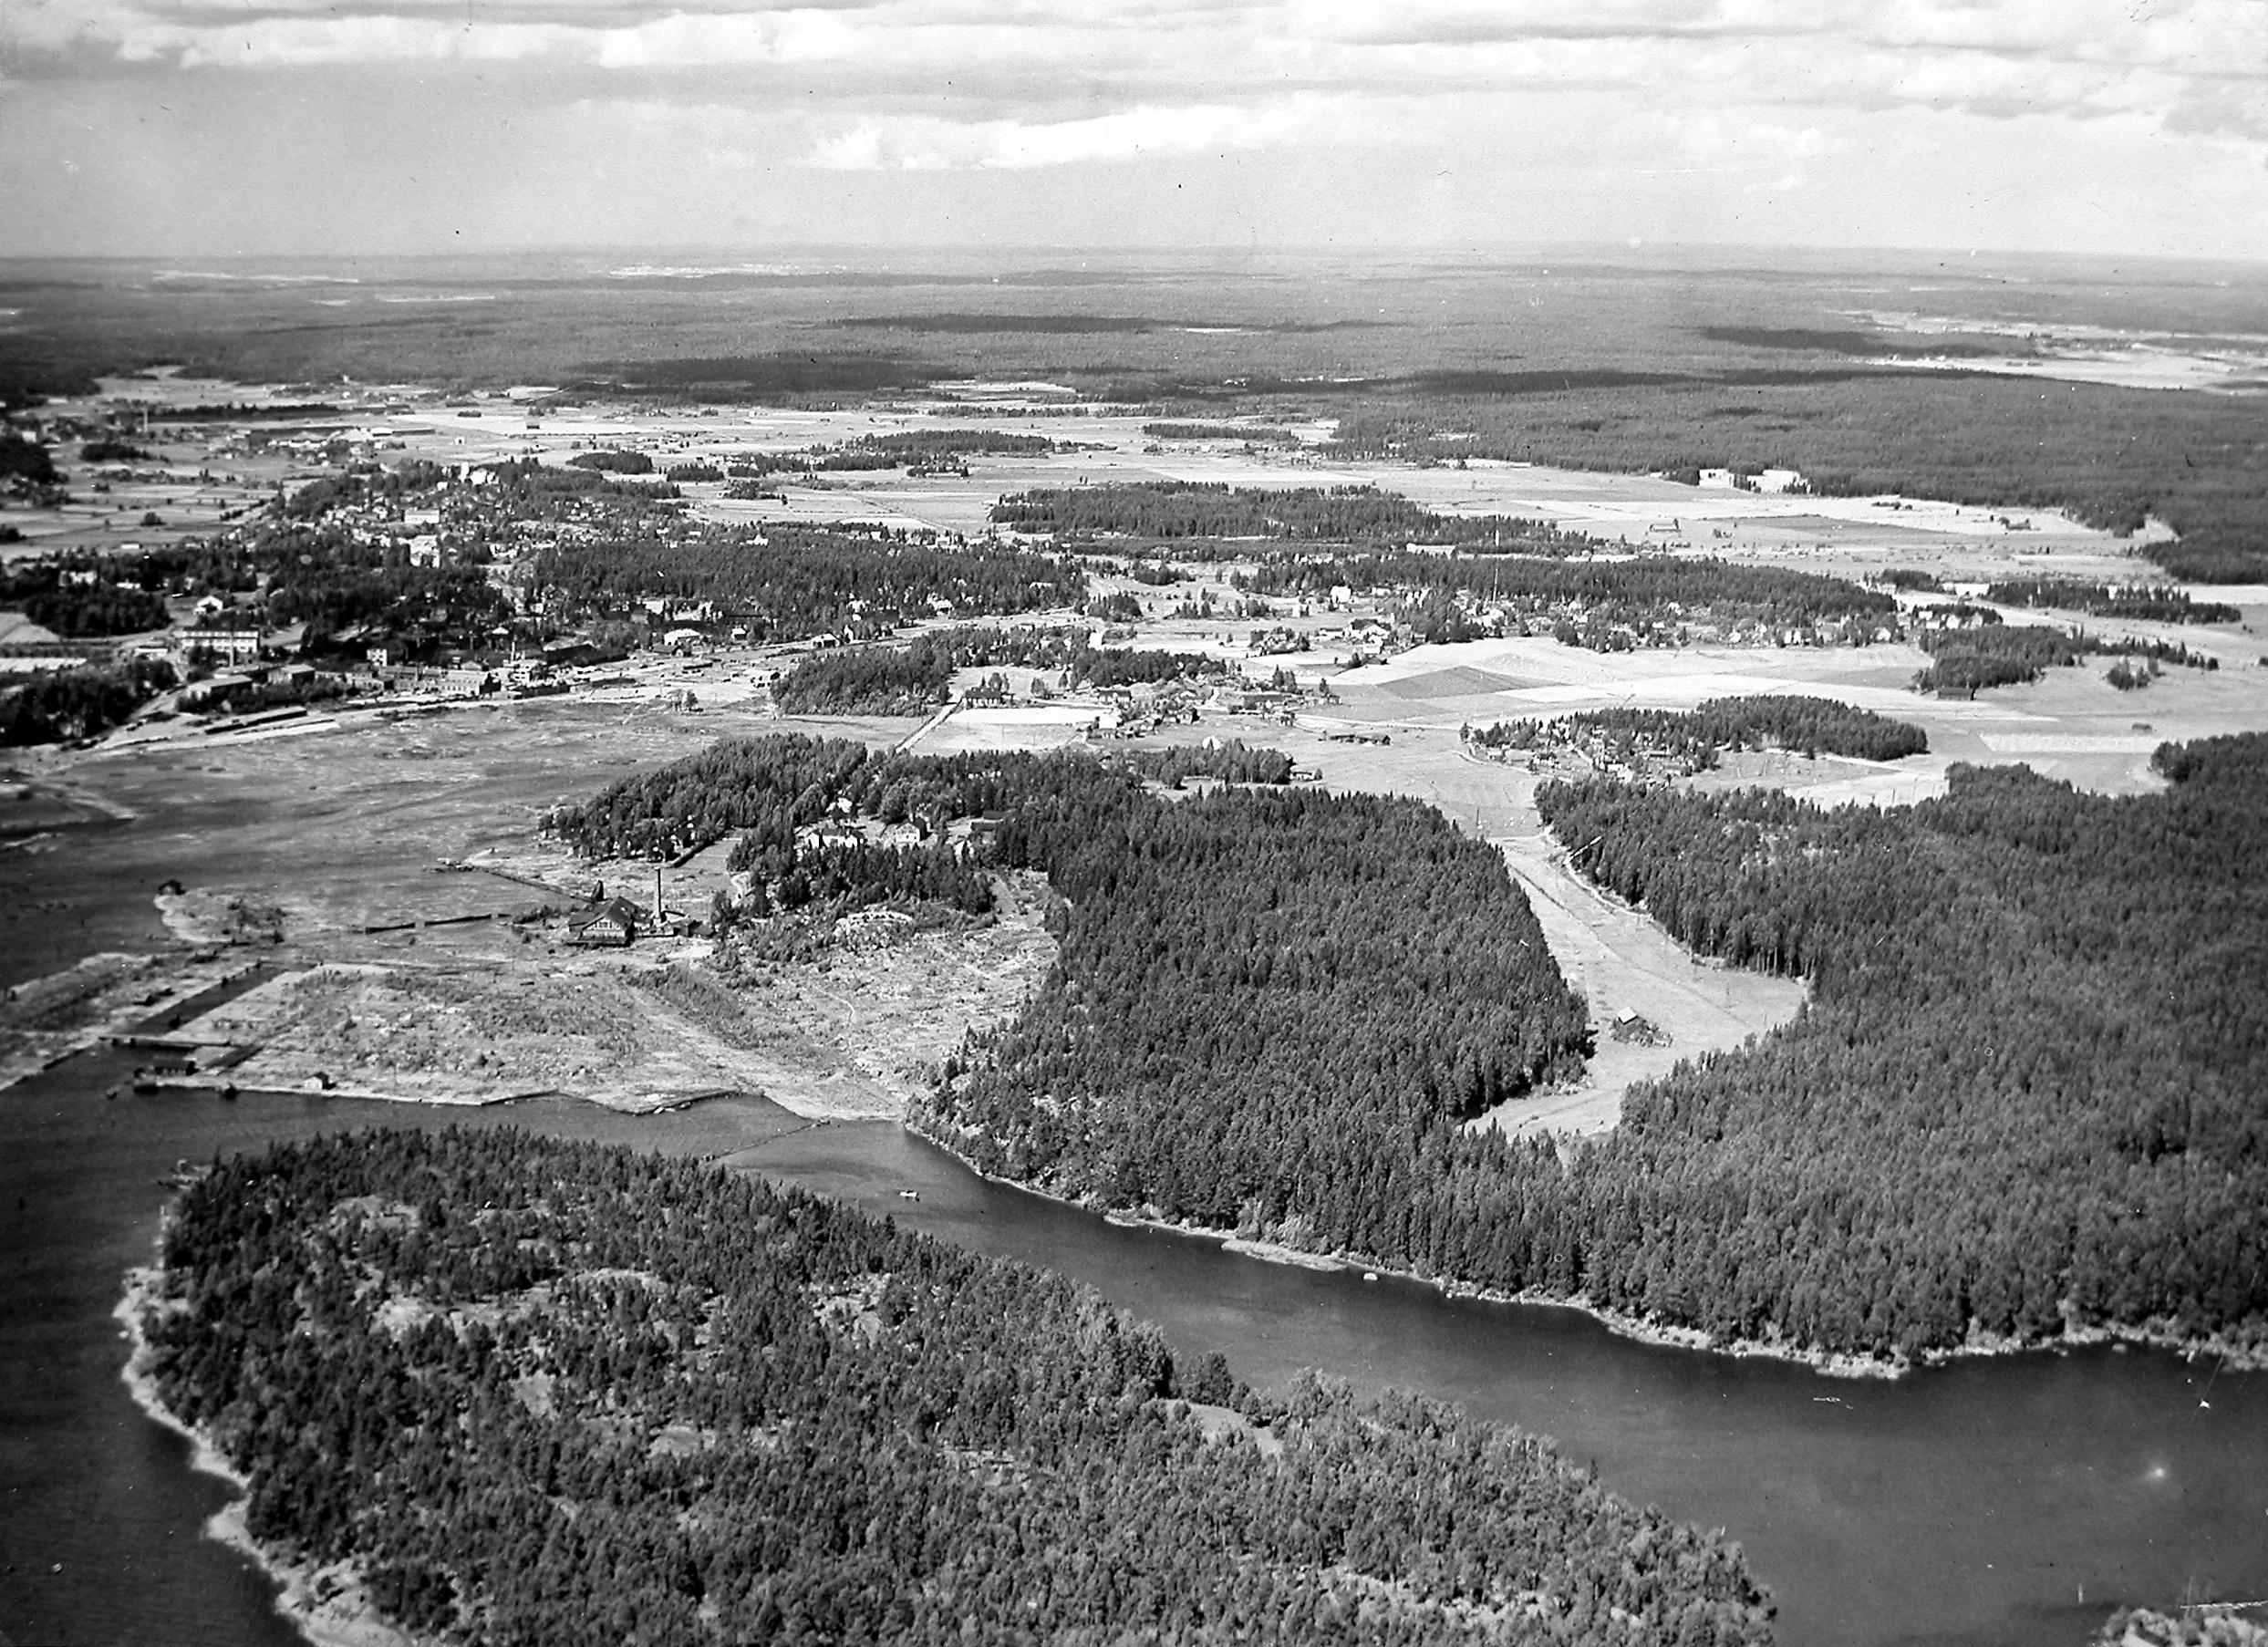 Ilmakuva Sunilasta ennen sellutehtaan rakentamista. Edessä Pyötisen saari, jolle tehdas rakennettiin. © Sunila Oy:n arkisto.